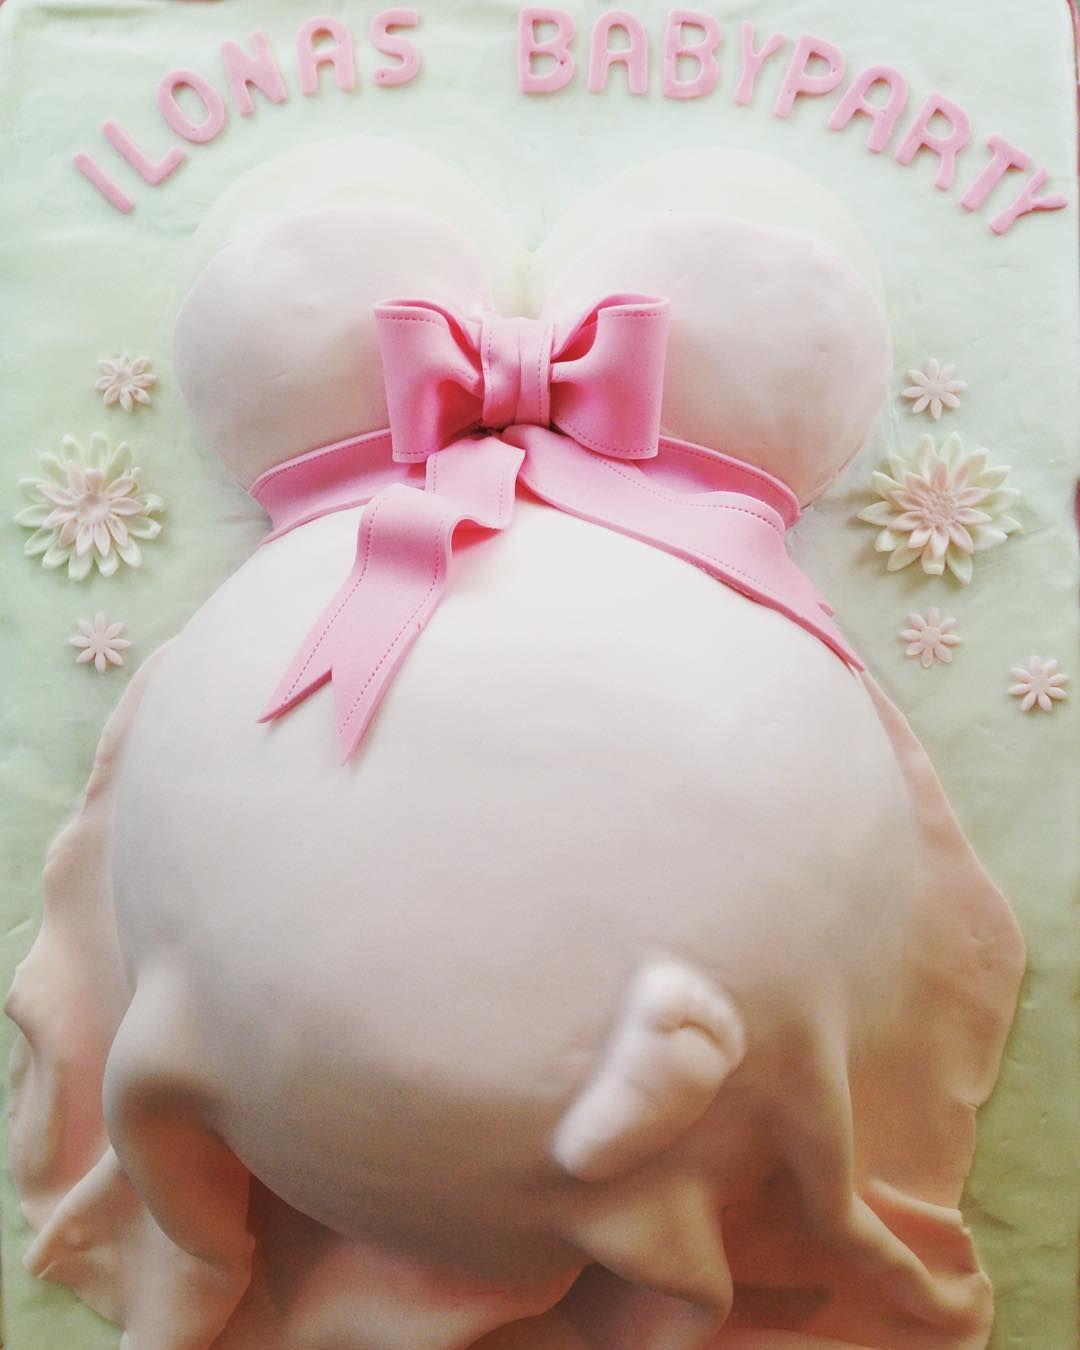 Babybauch Torte Fur Meine Freundin Babybauch Babygirl Fondant